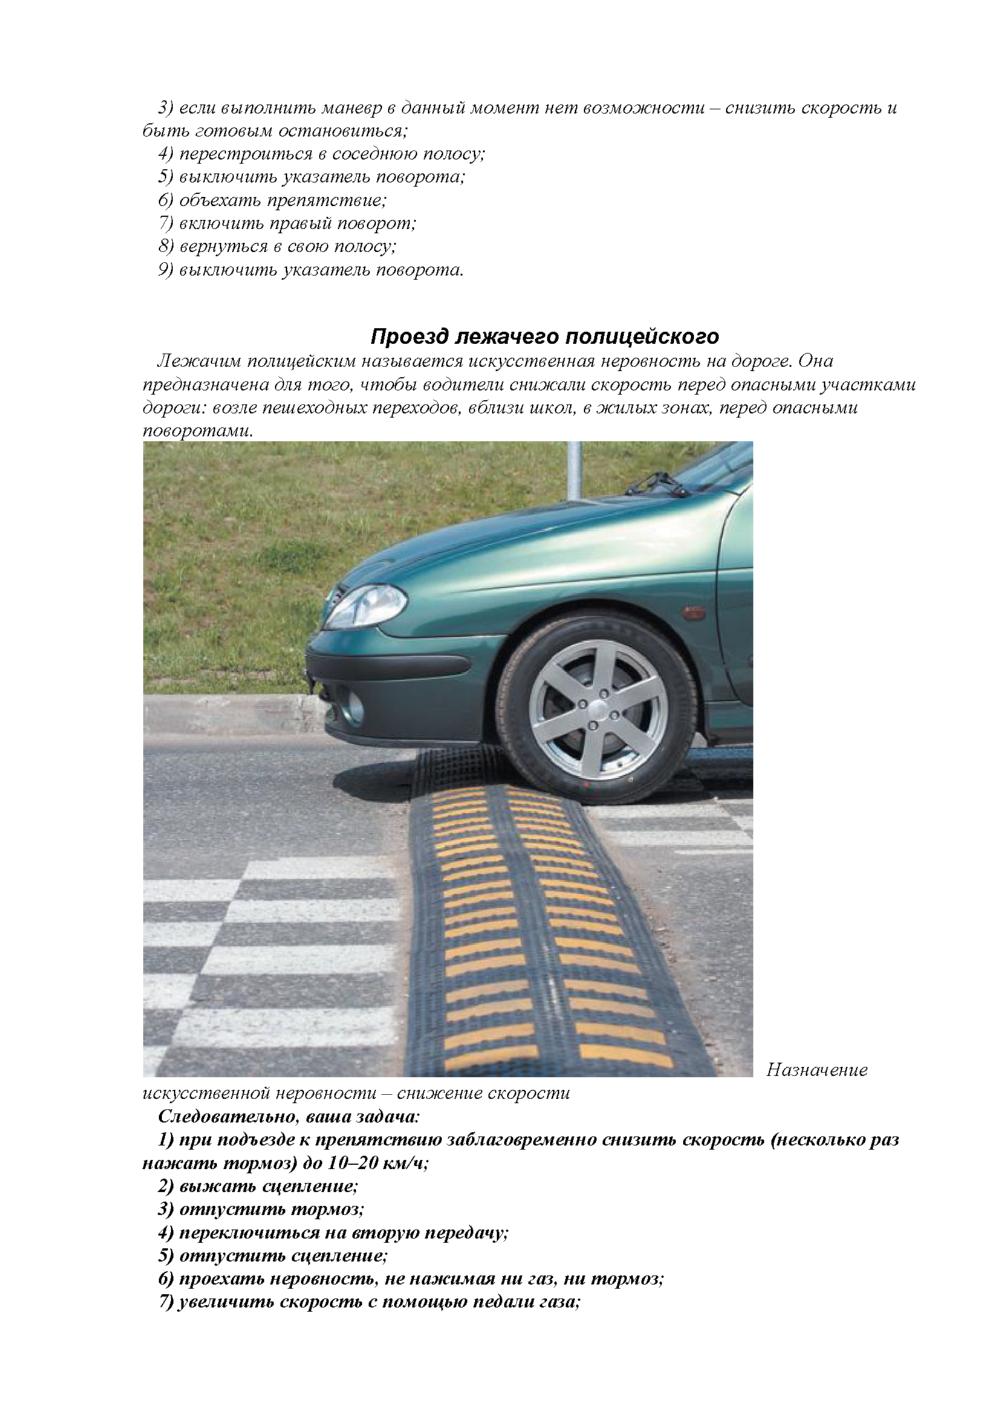 http://i1.imageban.ru/out/2013/12/01/752d15653cdd8c25136ce42501e60142.jpg